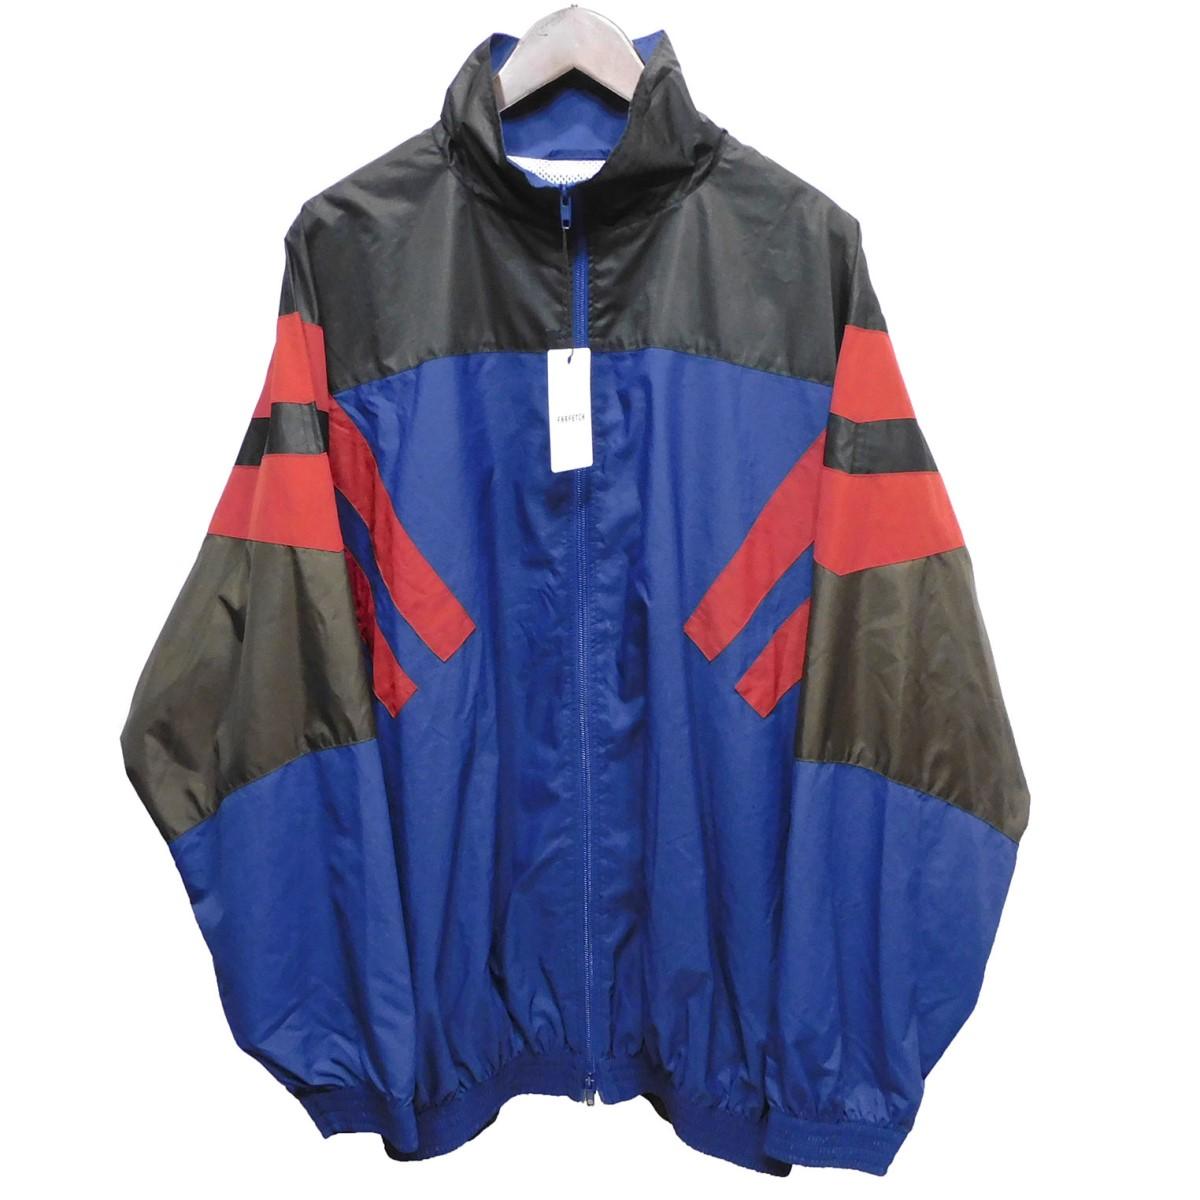 【中古】BALENCIAGA 18SS ナイロンジャケット ネイビー×ブラック サイズ:44 【160320】(バレンシアガ)